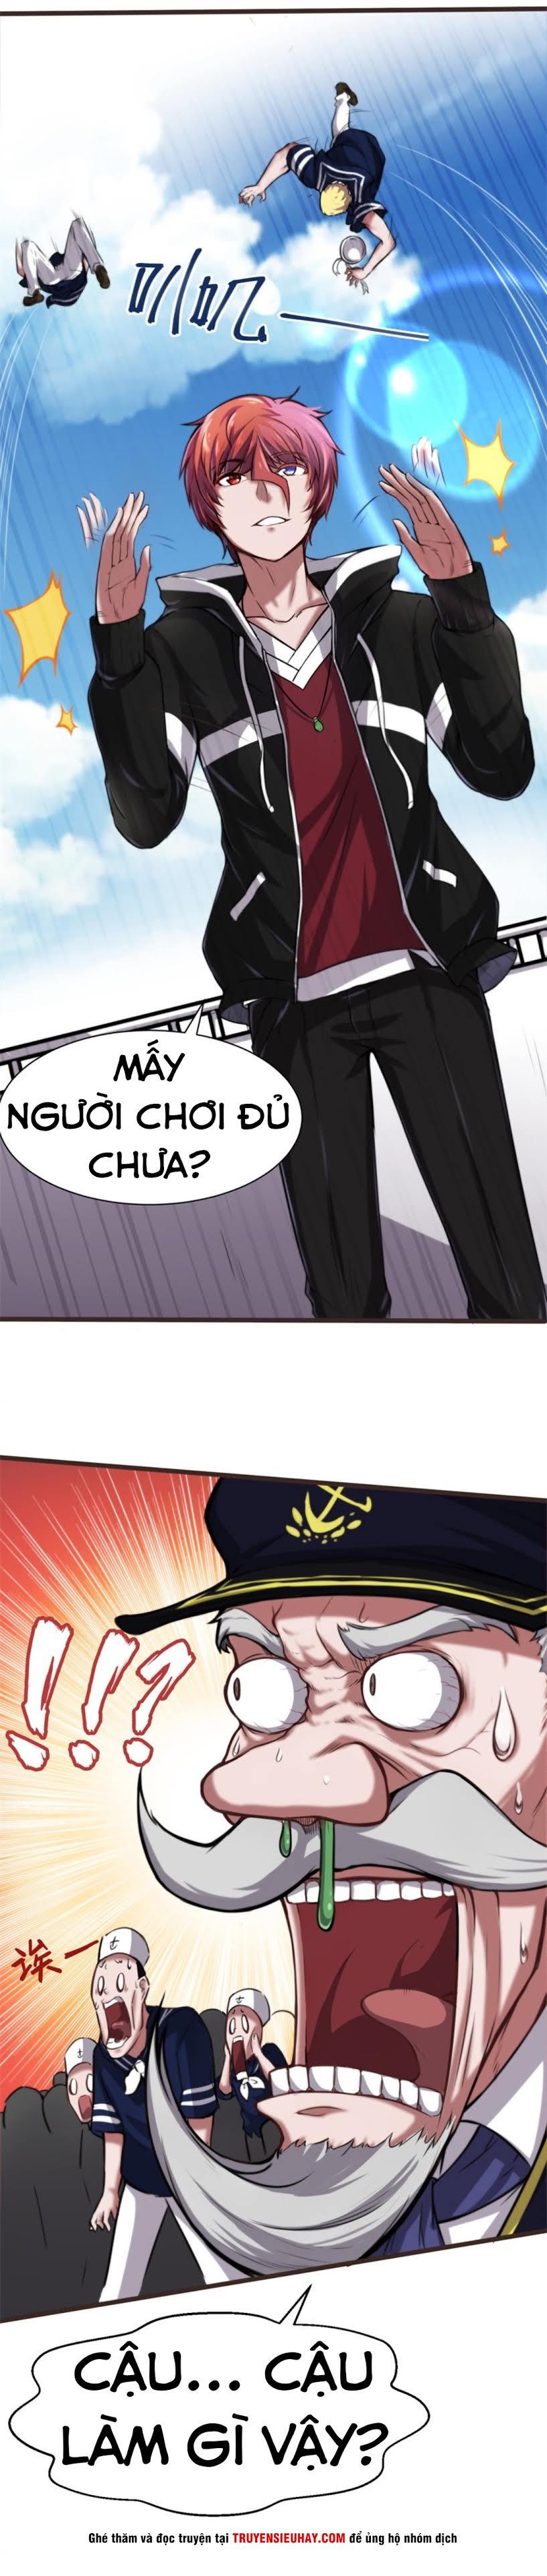 Đô Thị Âm Dương Tiên Y chap 1 - Trang 12